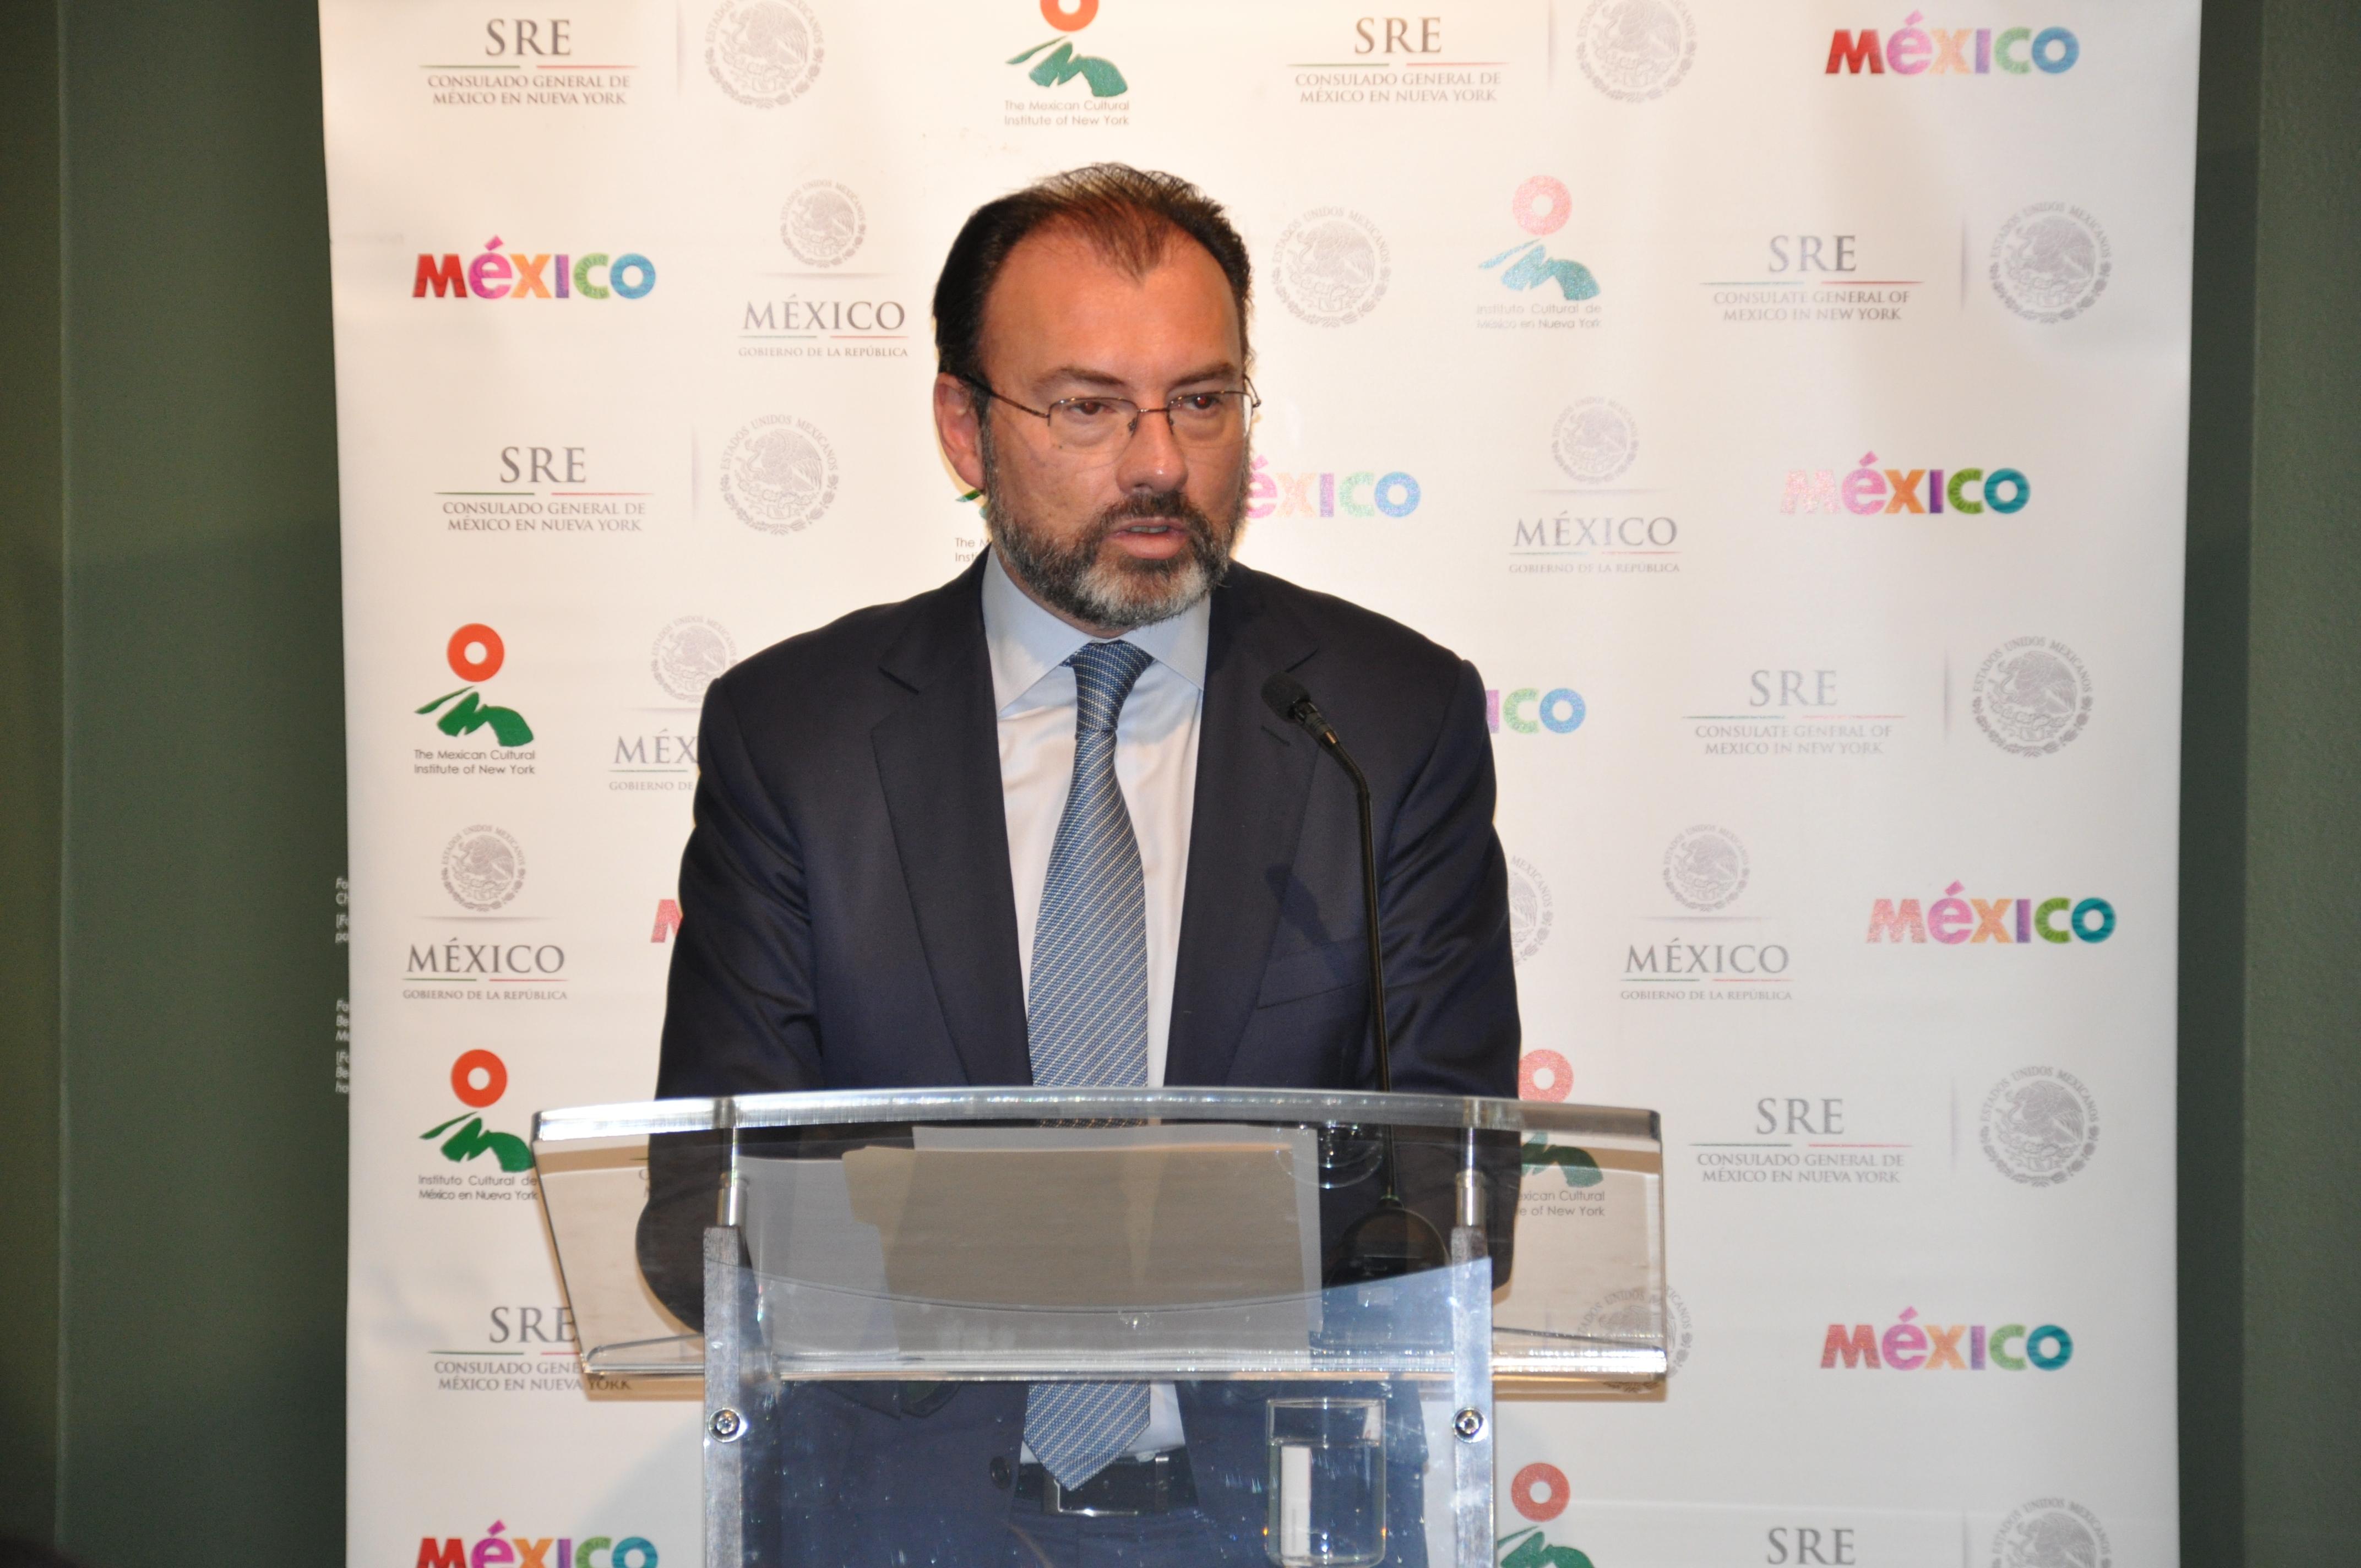 Se emite la primera acta de nacimiento en el Consulado de México en ...